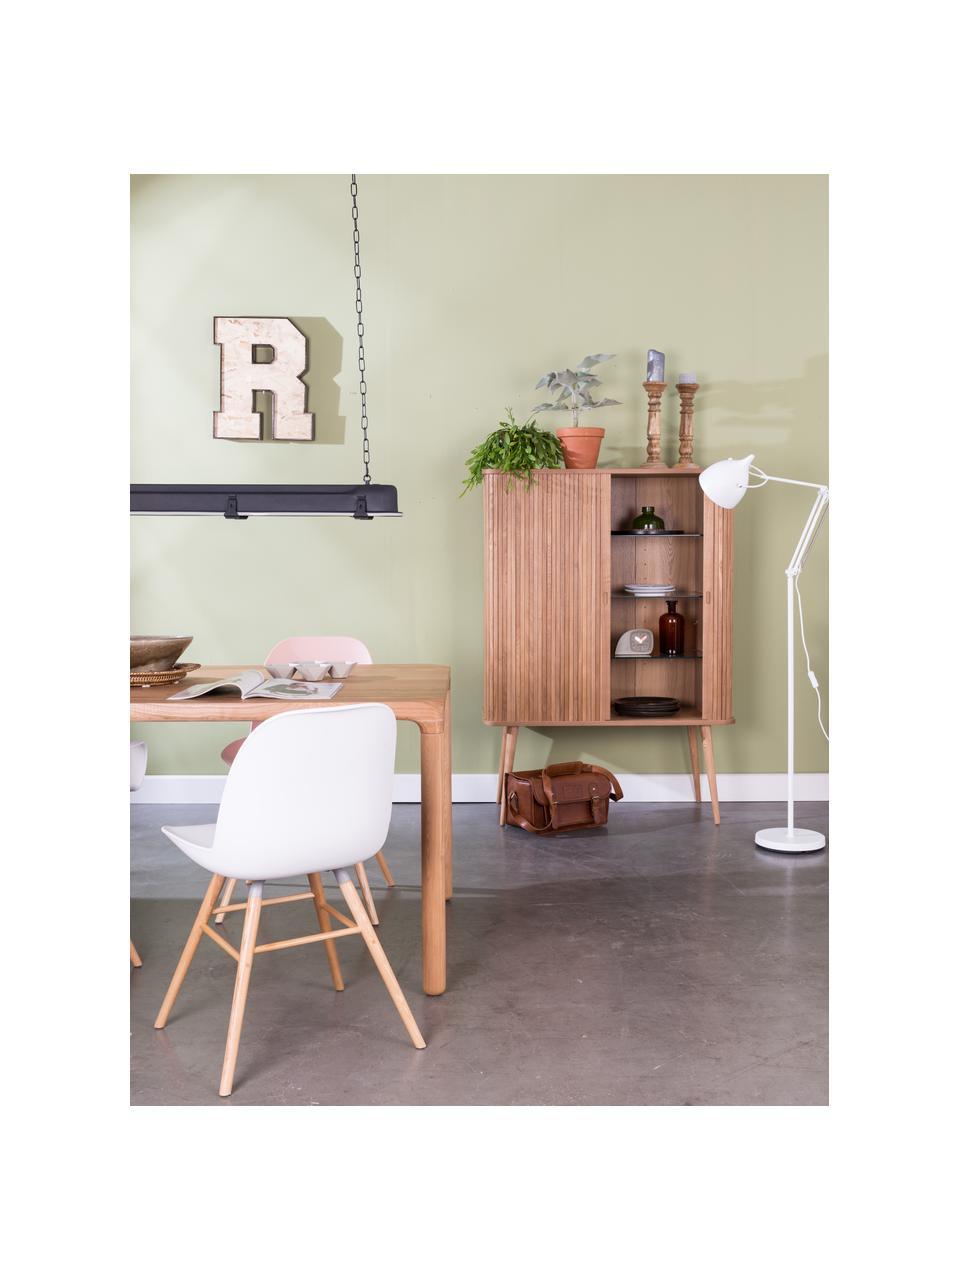 Dressoir Barbier in retro design met schuifdeuren, Frame: MDF, essenhoutfineer, Plank: hard glas, Frame: bruin. Schuifdeuren: essenhoutkleurig. Planken: transparant, 100 x 140 cm